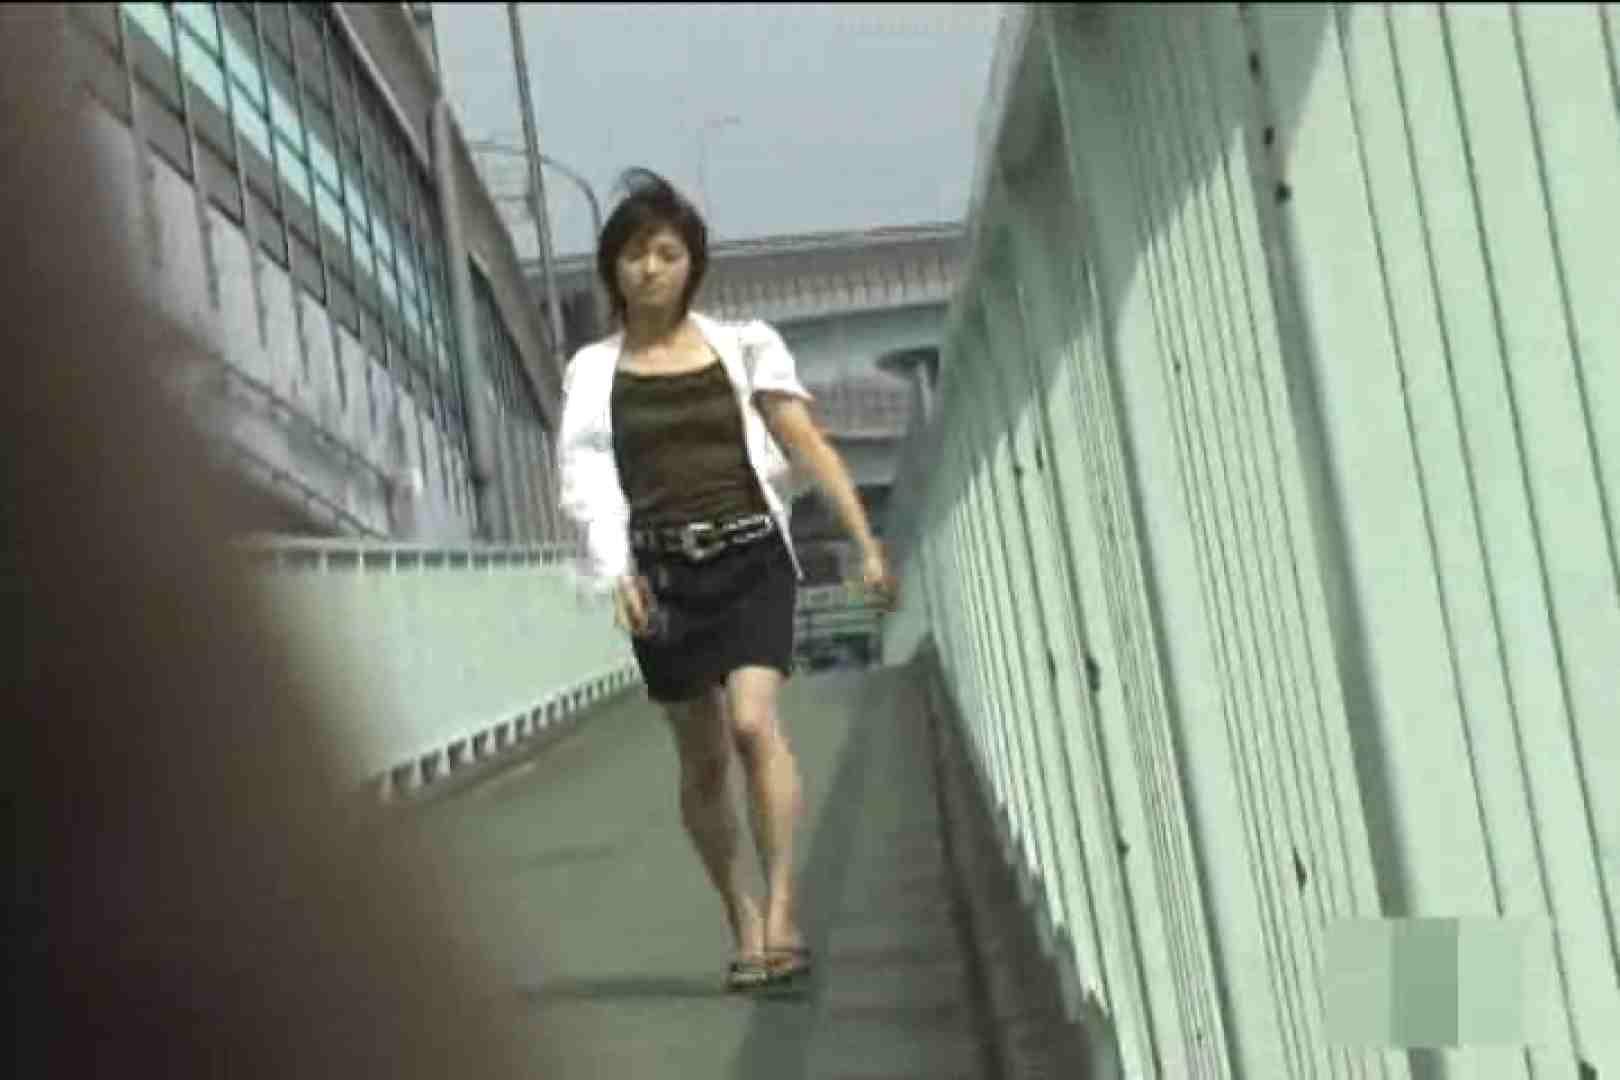 検証!隠し撮りスカートめくり!!Vol.8 現役ギャル  99pic 45